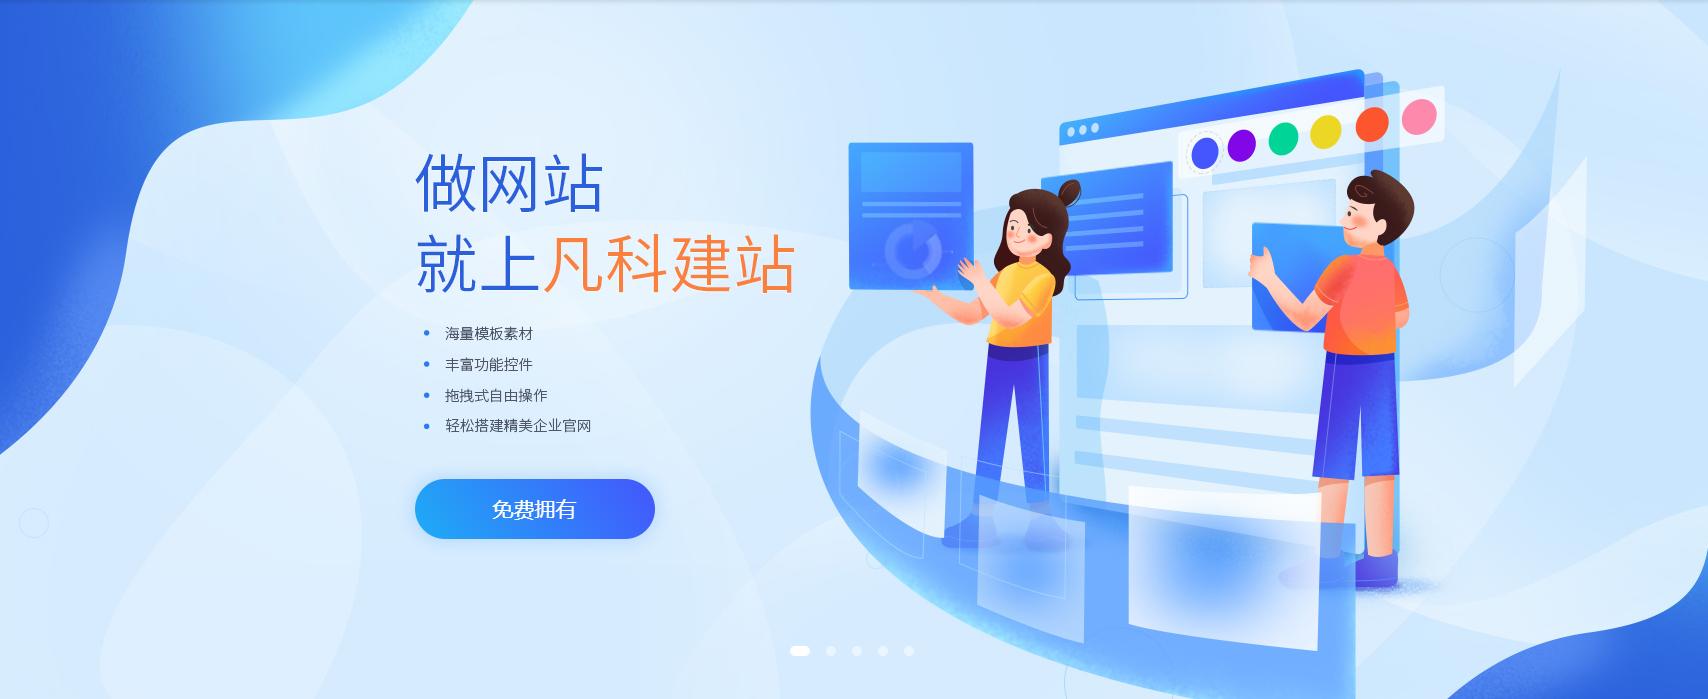 网站设计例子